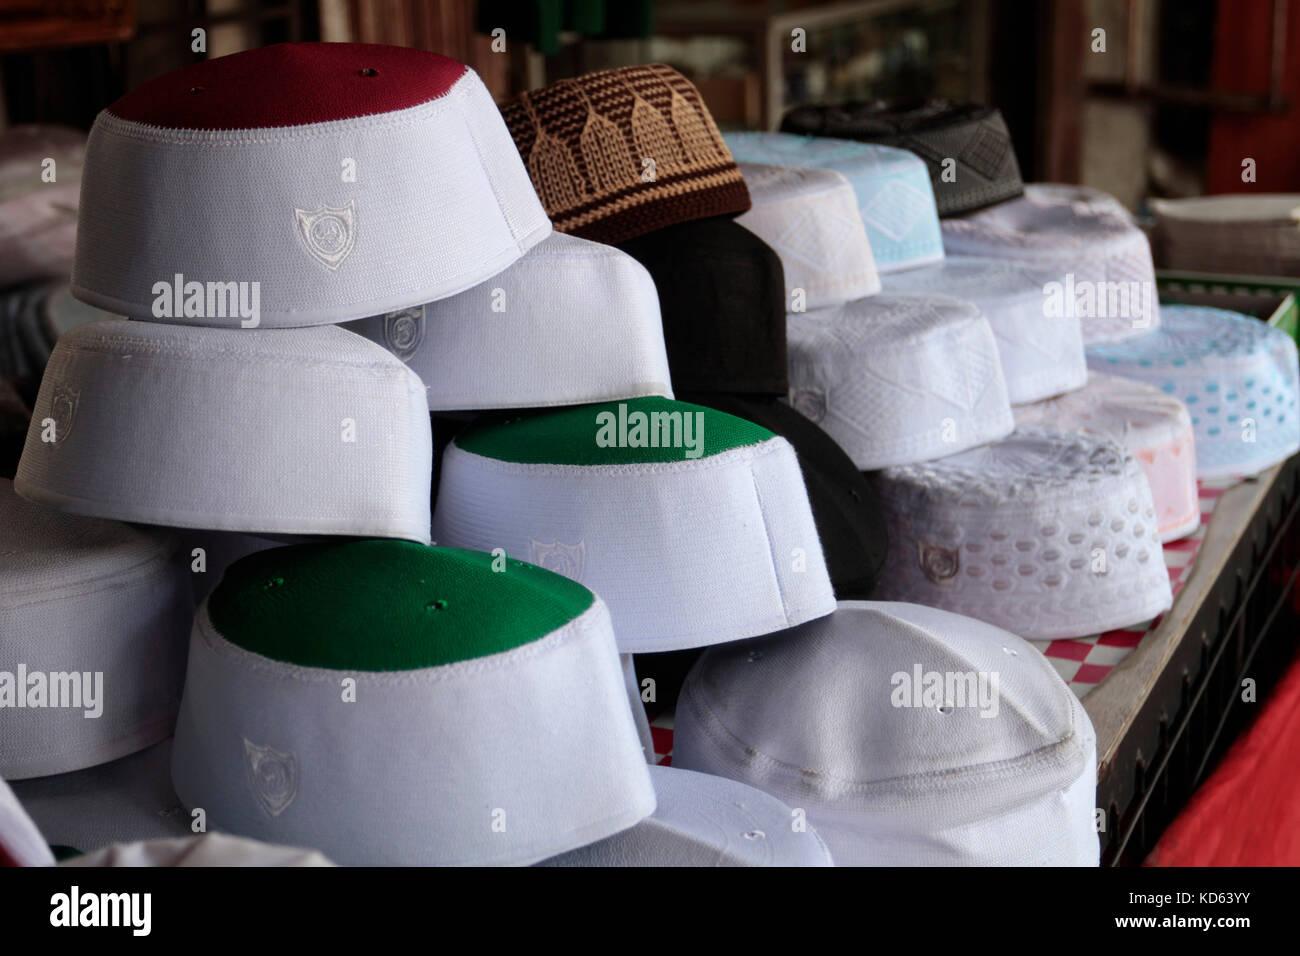 411d54d08fb Muslim prayer cap for sale at Payang Market in Kuala Terengganu